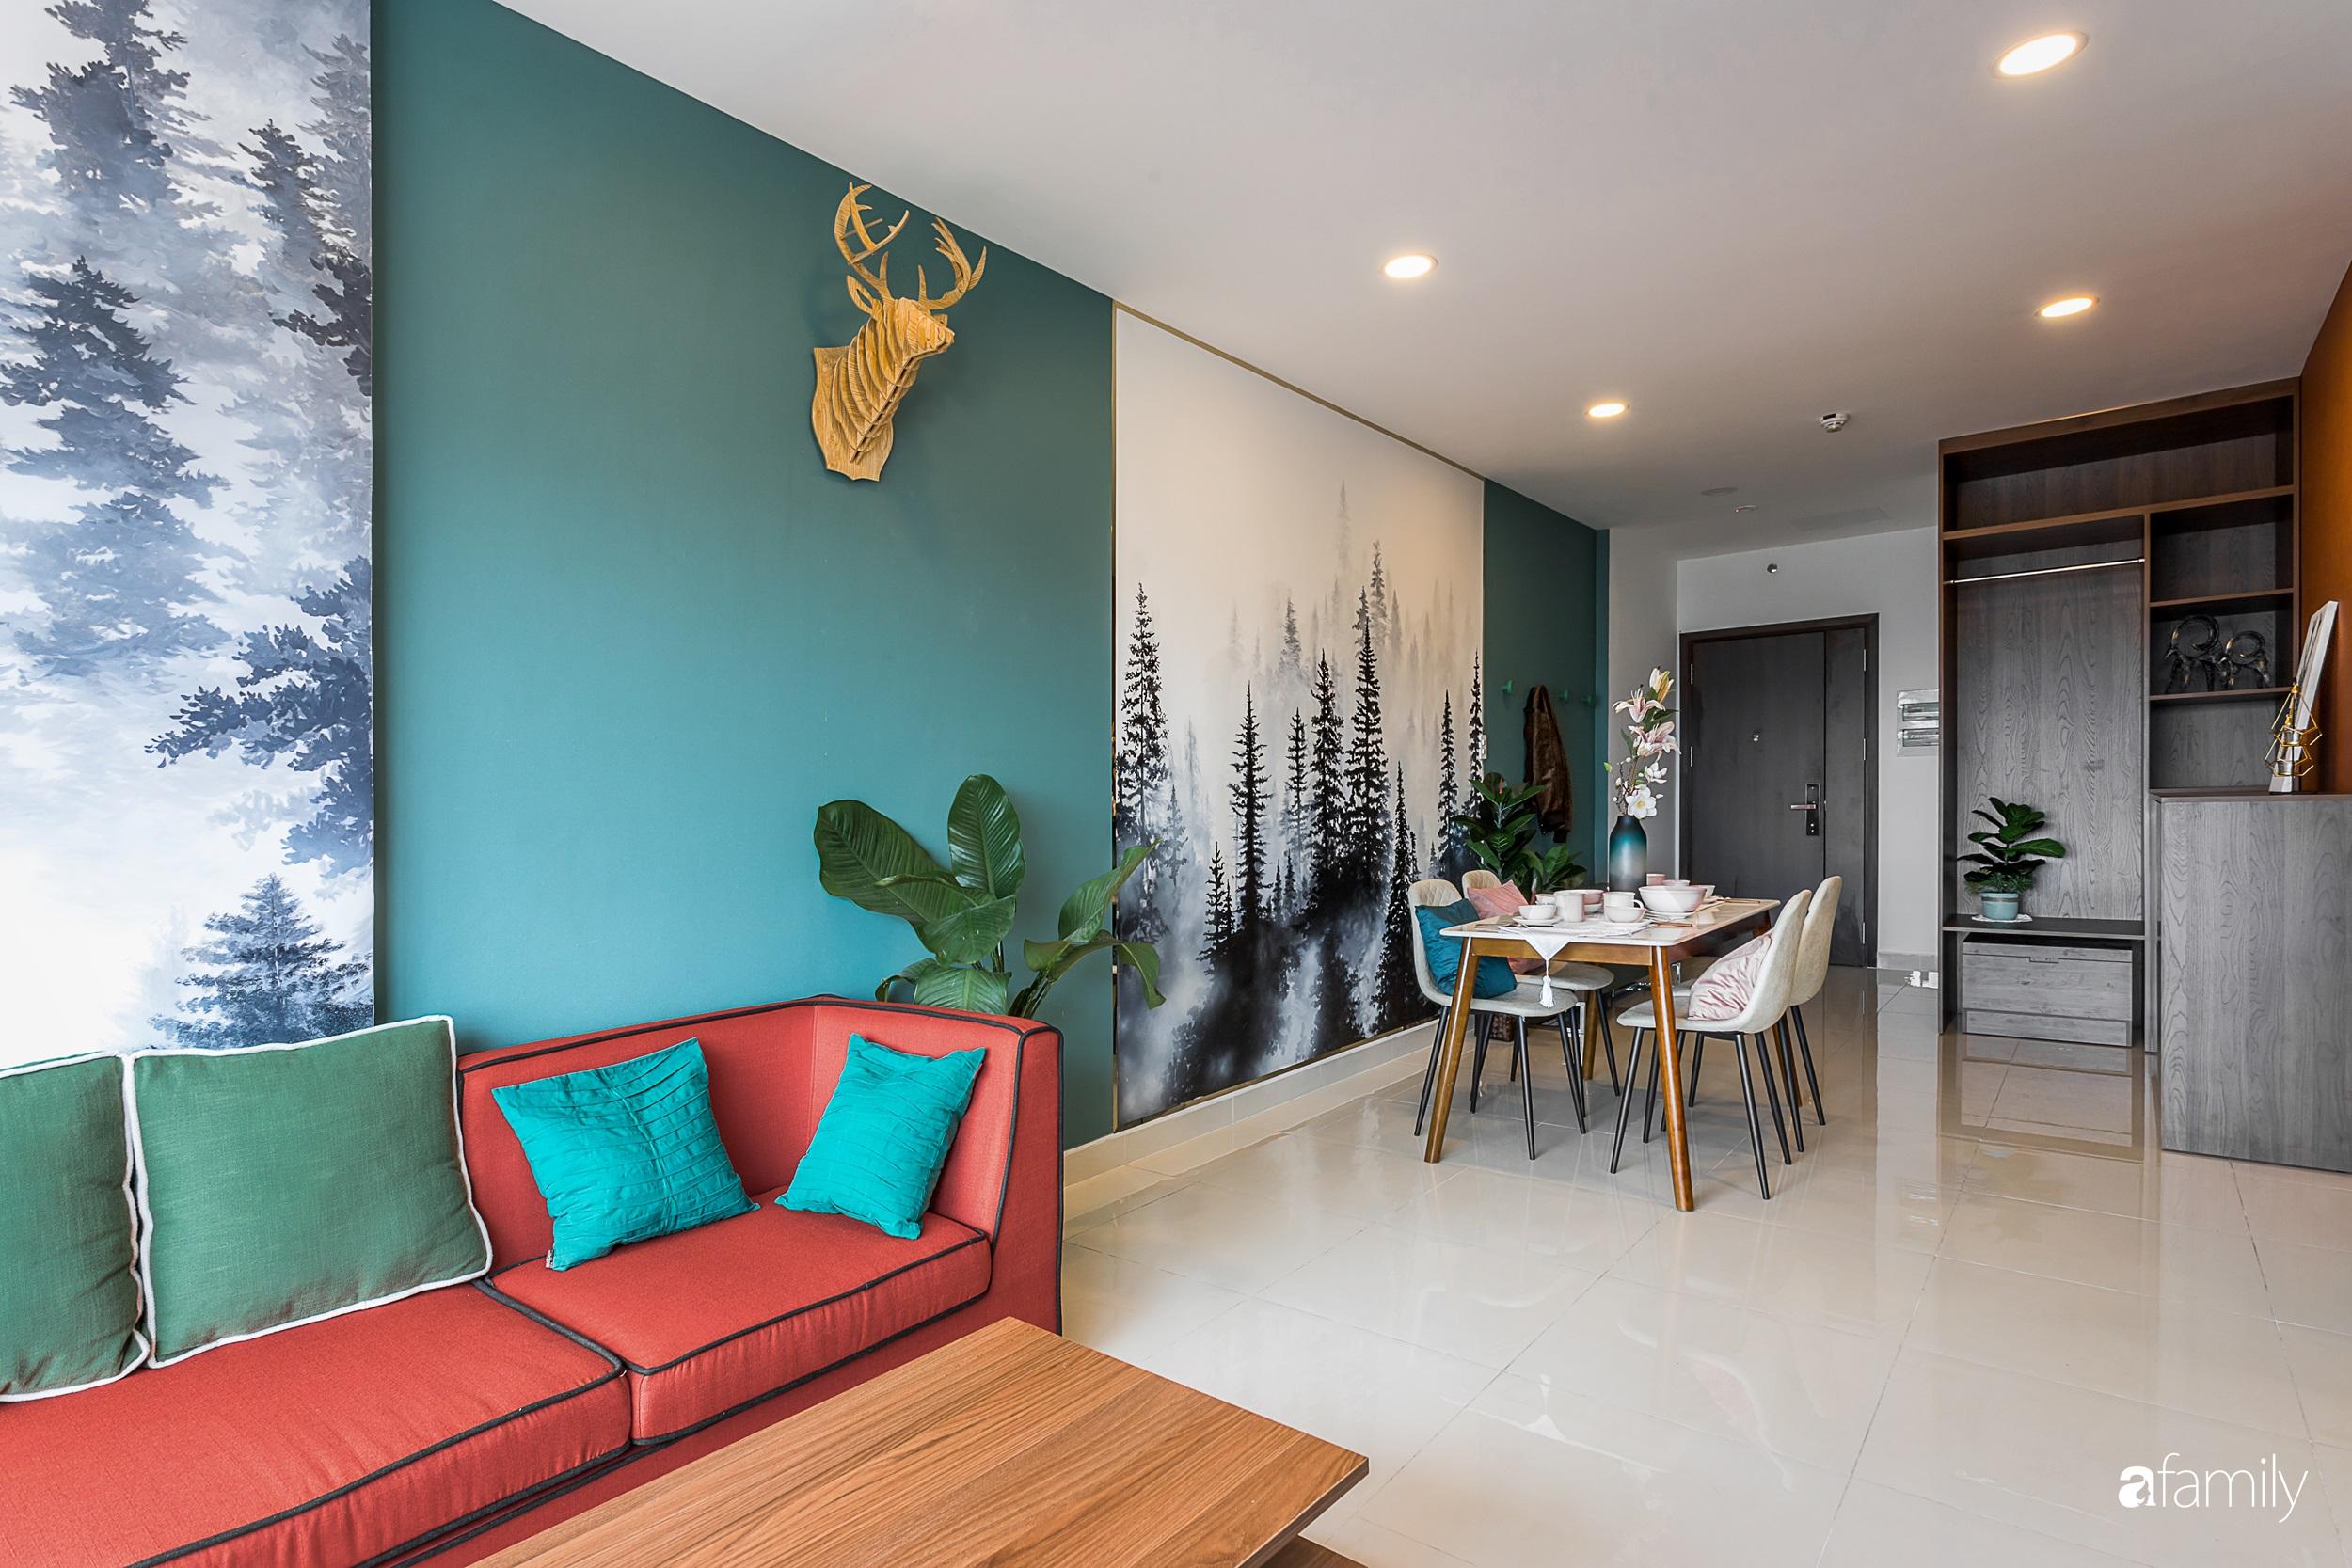 """Lạc bước vào """"rừng nhiệt đới"""" trong căn hộ 70m² ở quận Phú Nhuận, TP. HCM - Ảnh 5."""